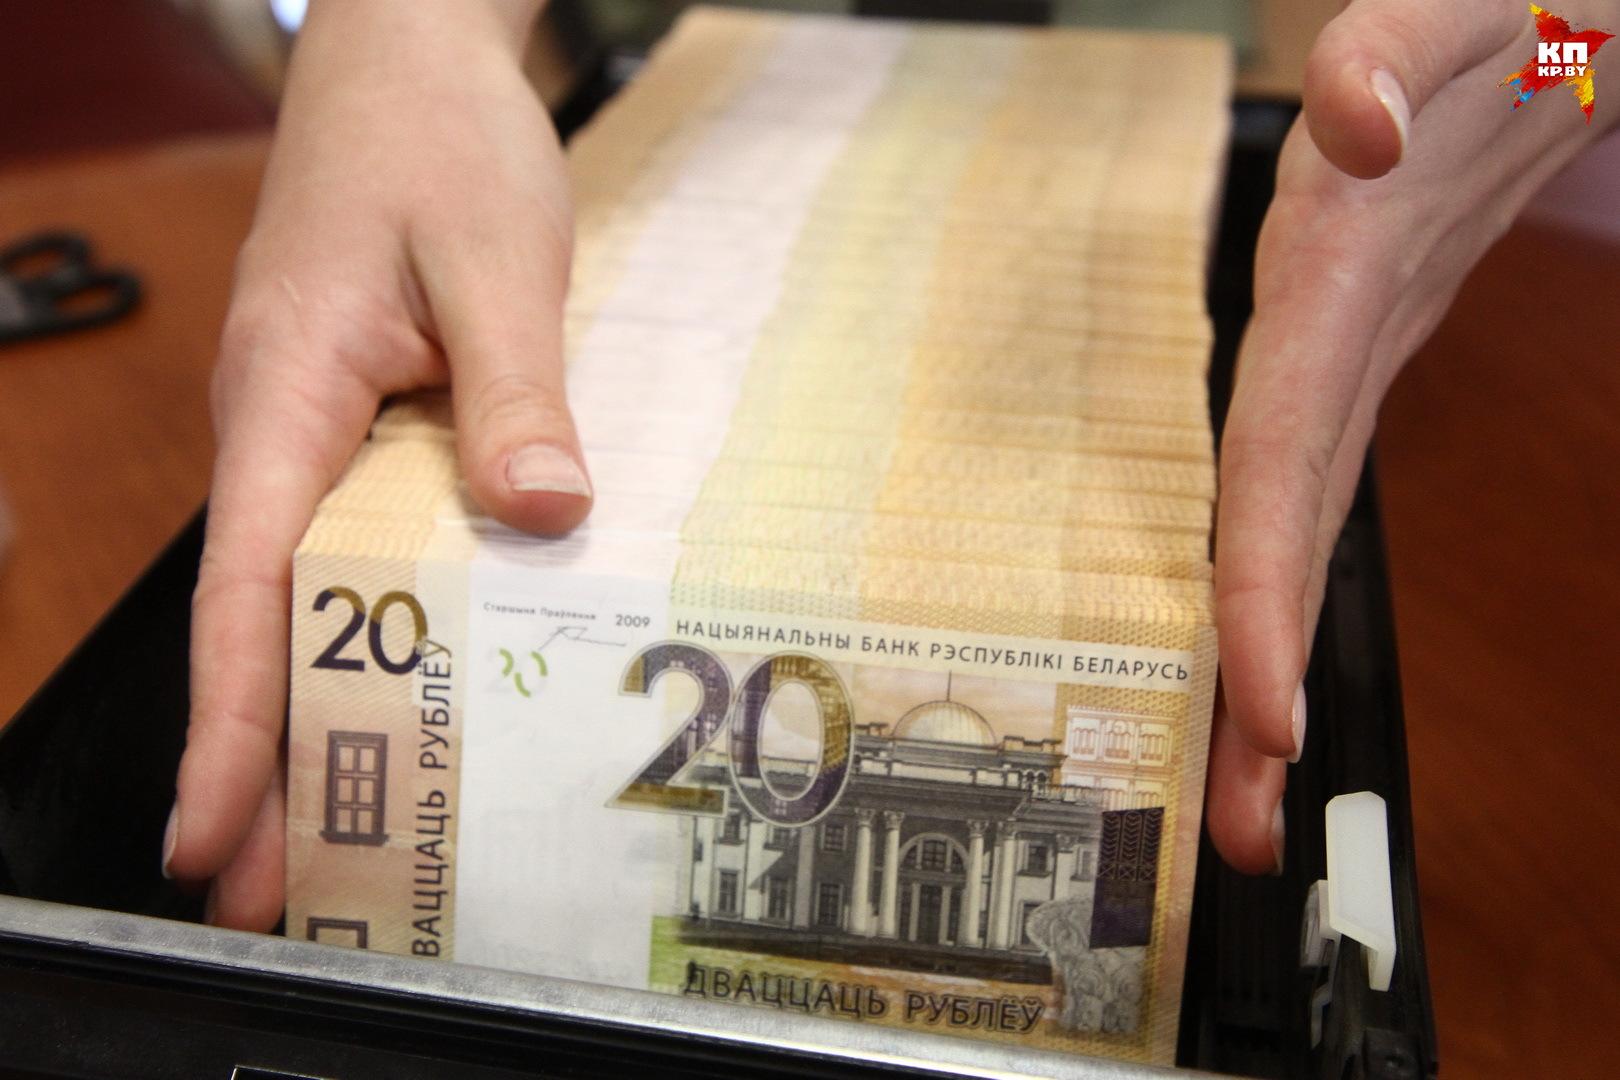 Как загружают деньги в банкоматы перед деноминацией.